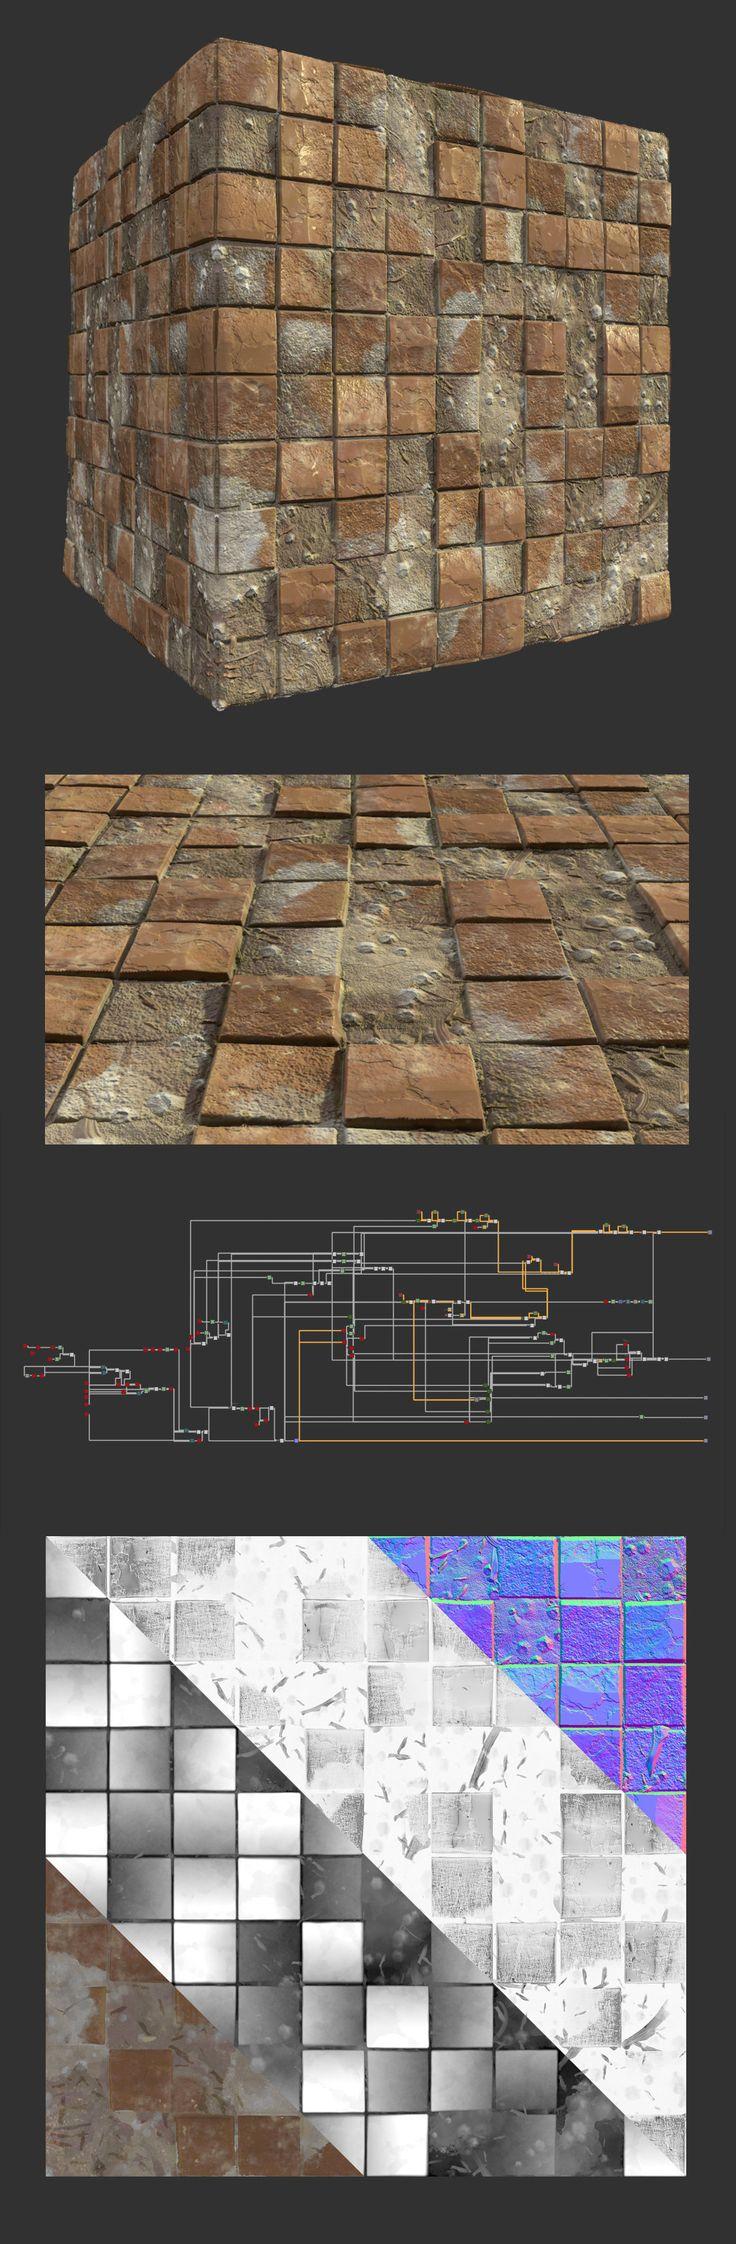 ArtStation - Procedural old tile floor, Leonardo Iezzi